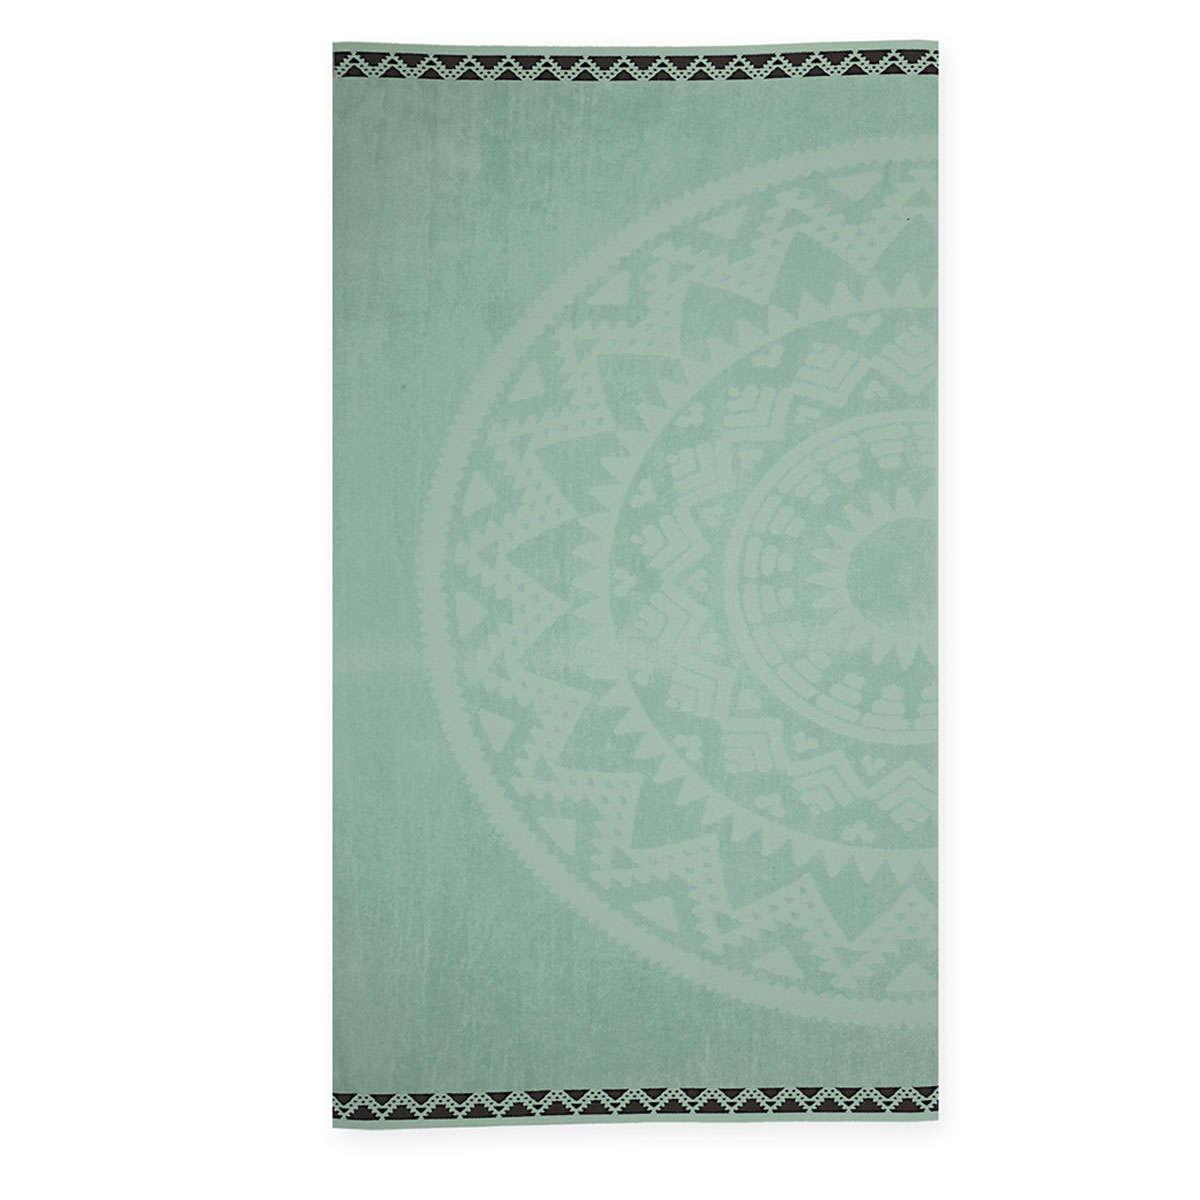 Πετσέτα Θαλάσσης Abey Green Nef-Nef Θαλάσσης 80x160cm